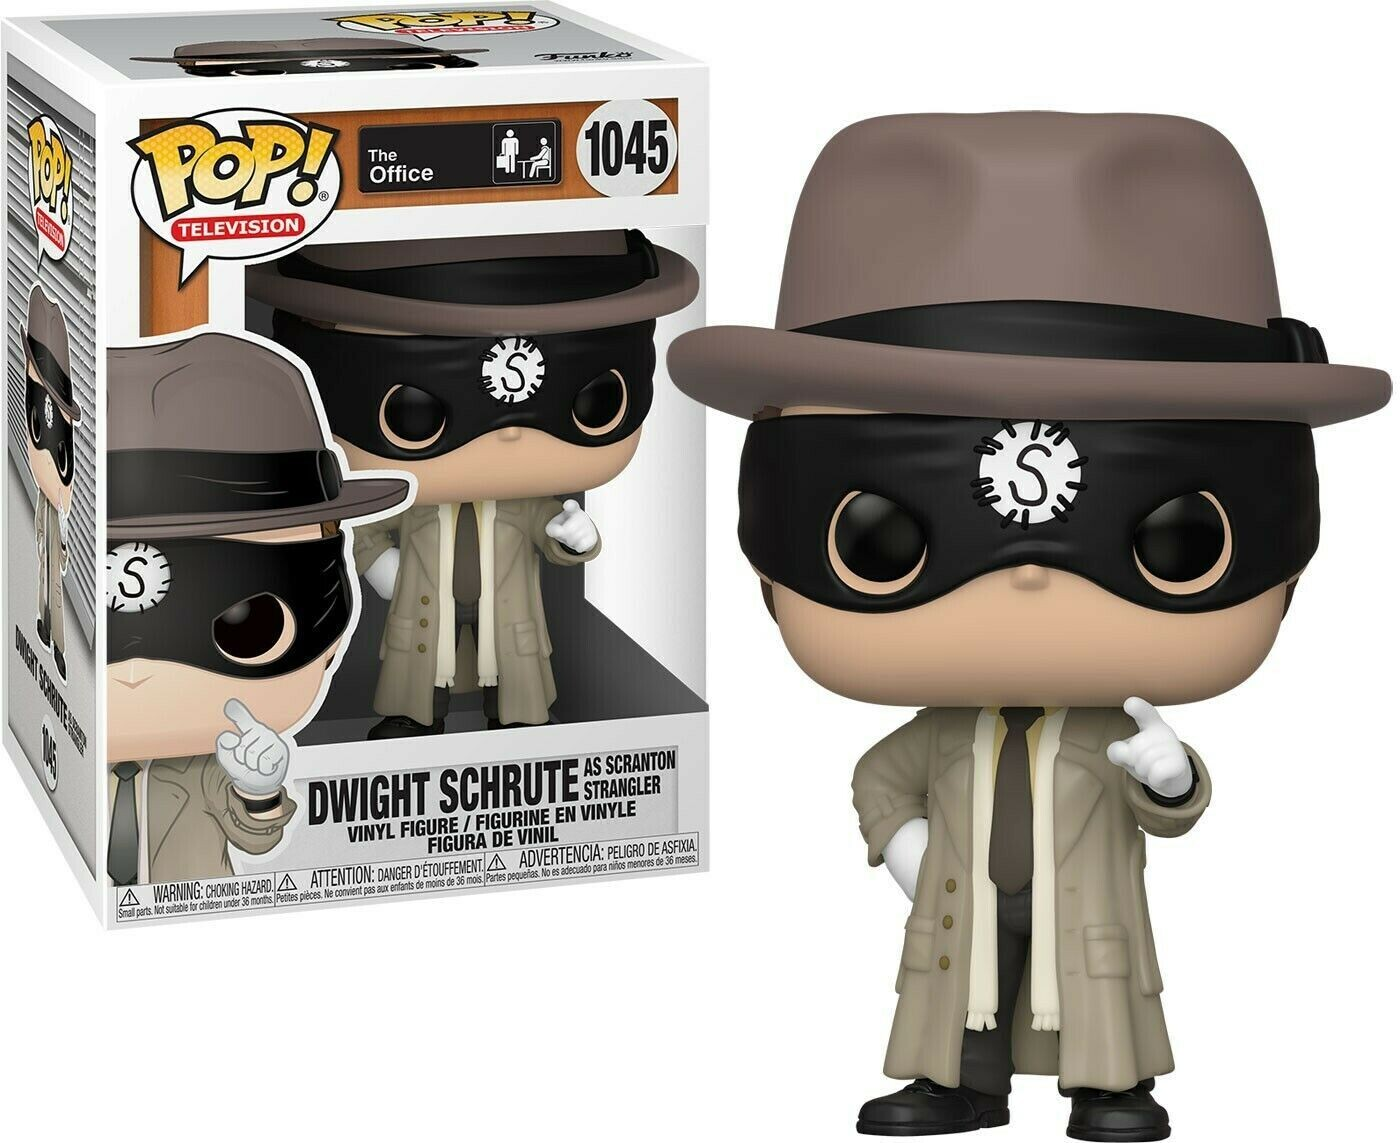 Dwight Schrute (Scranton Strangler) The Office NBC Funko Pop Television 1045